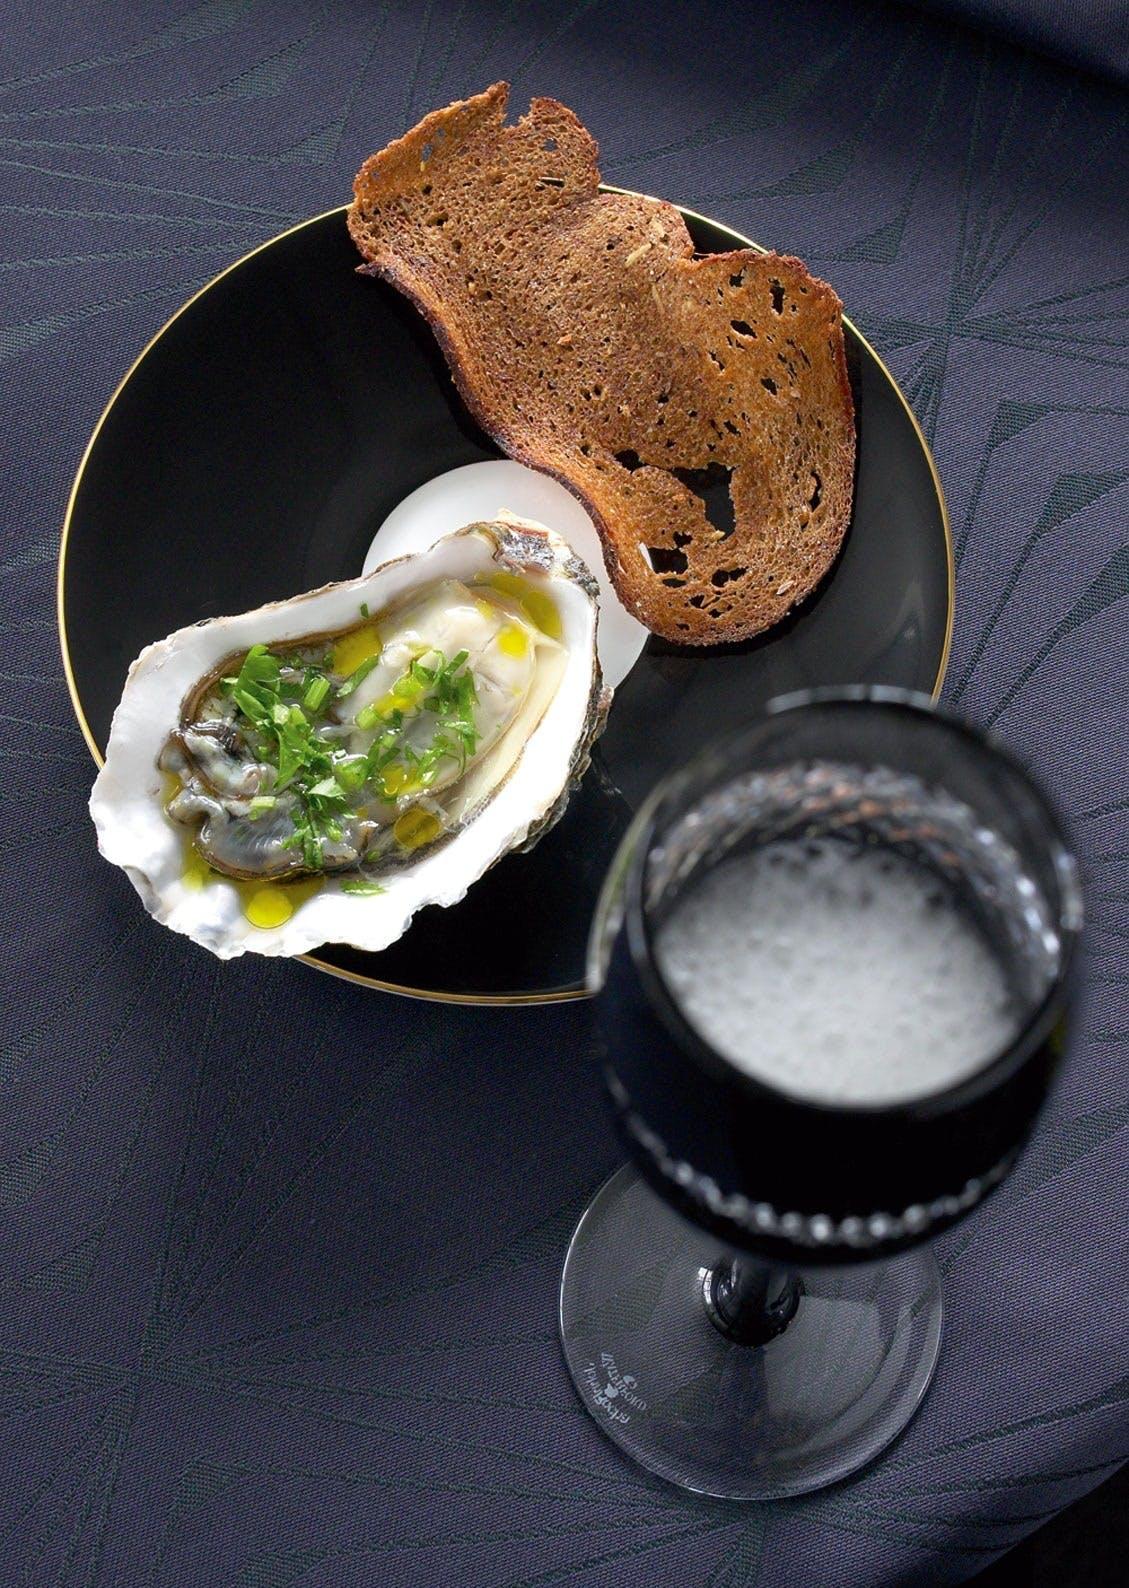 Østers med sitron, persille og rugbrødflak